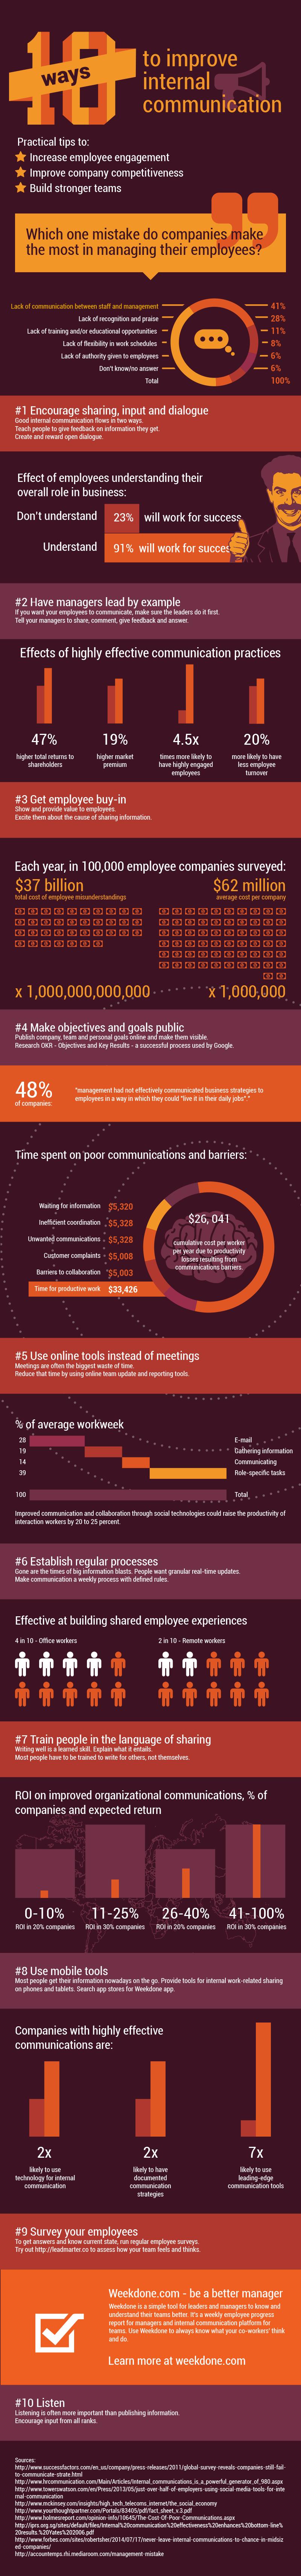 Nostromo, agence de communication, vous presente une infographie pour ameliorer votre communication interne